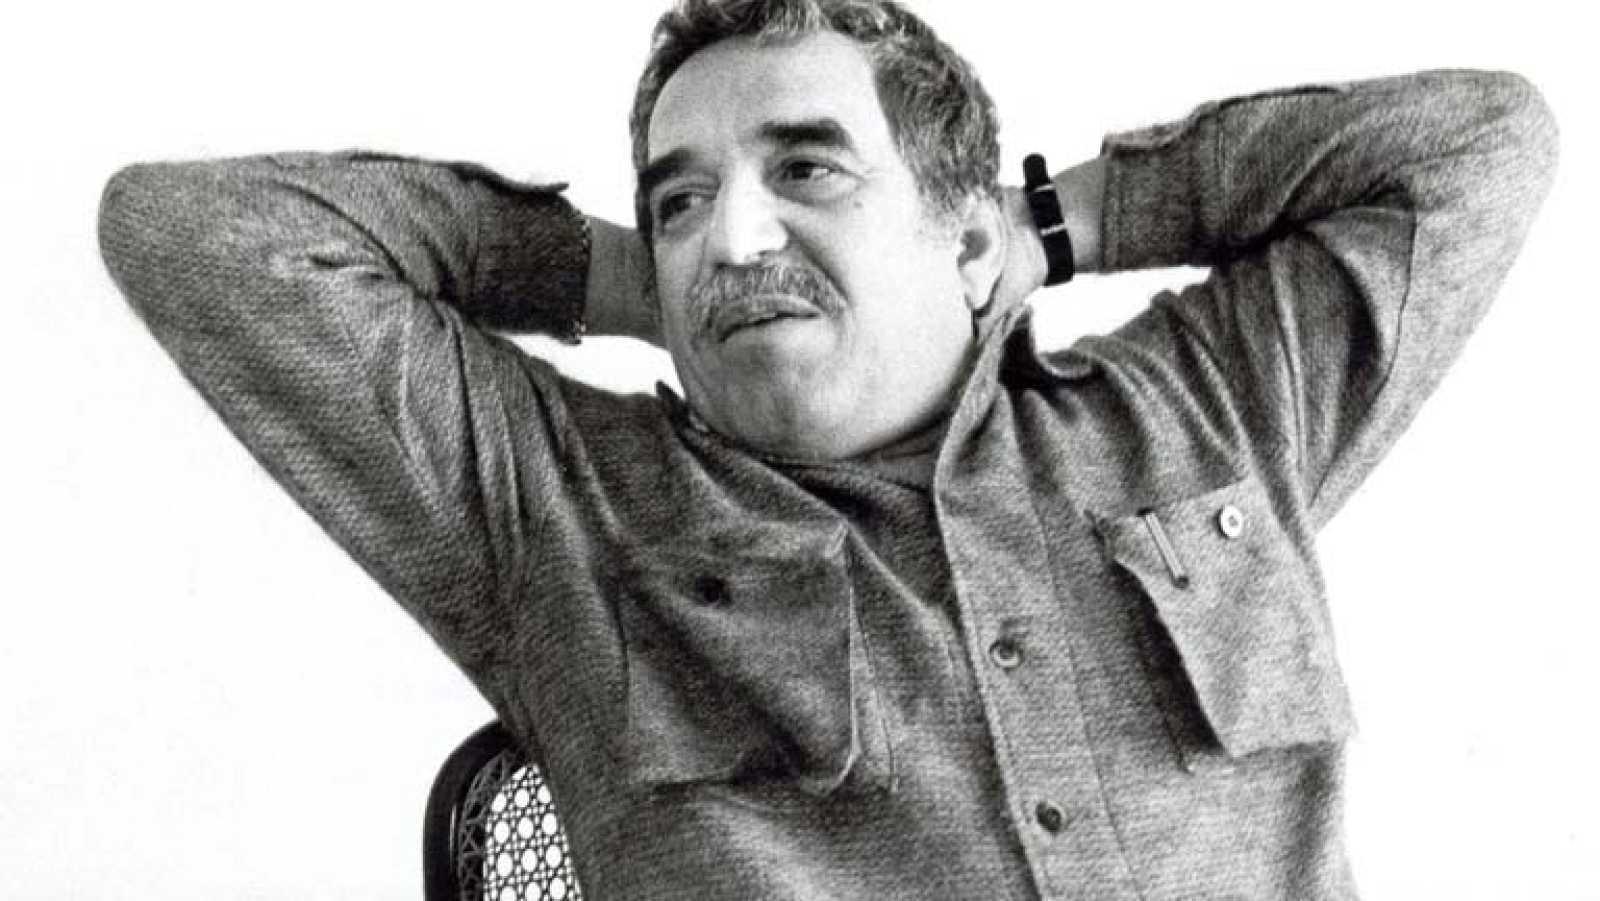 Gabriel García Márquez El Maestro Del Realismo Mágico